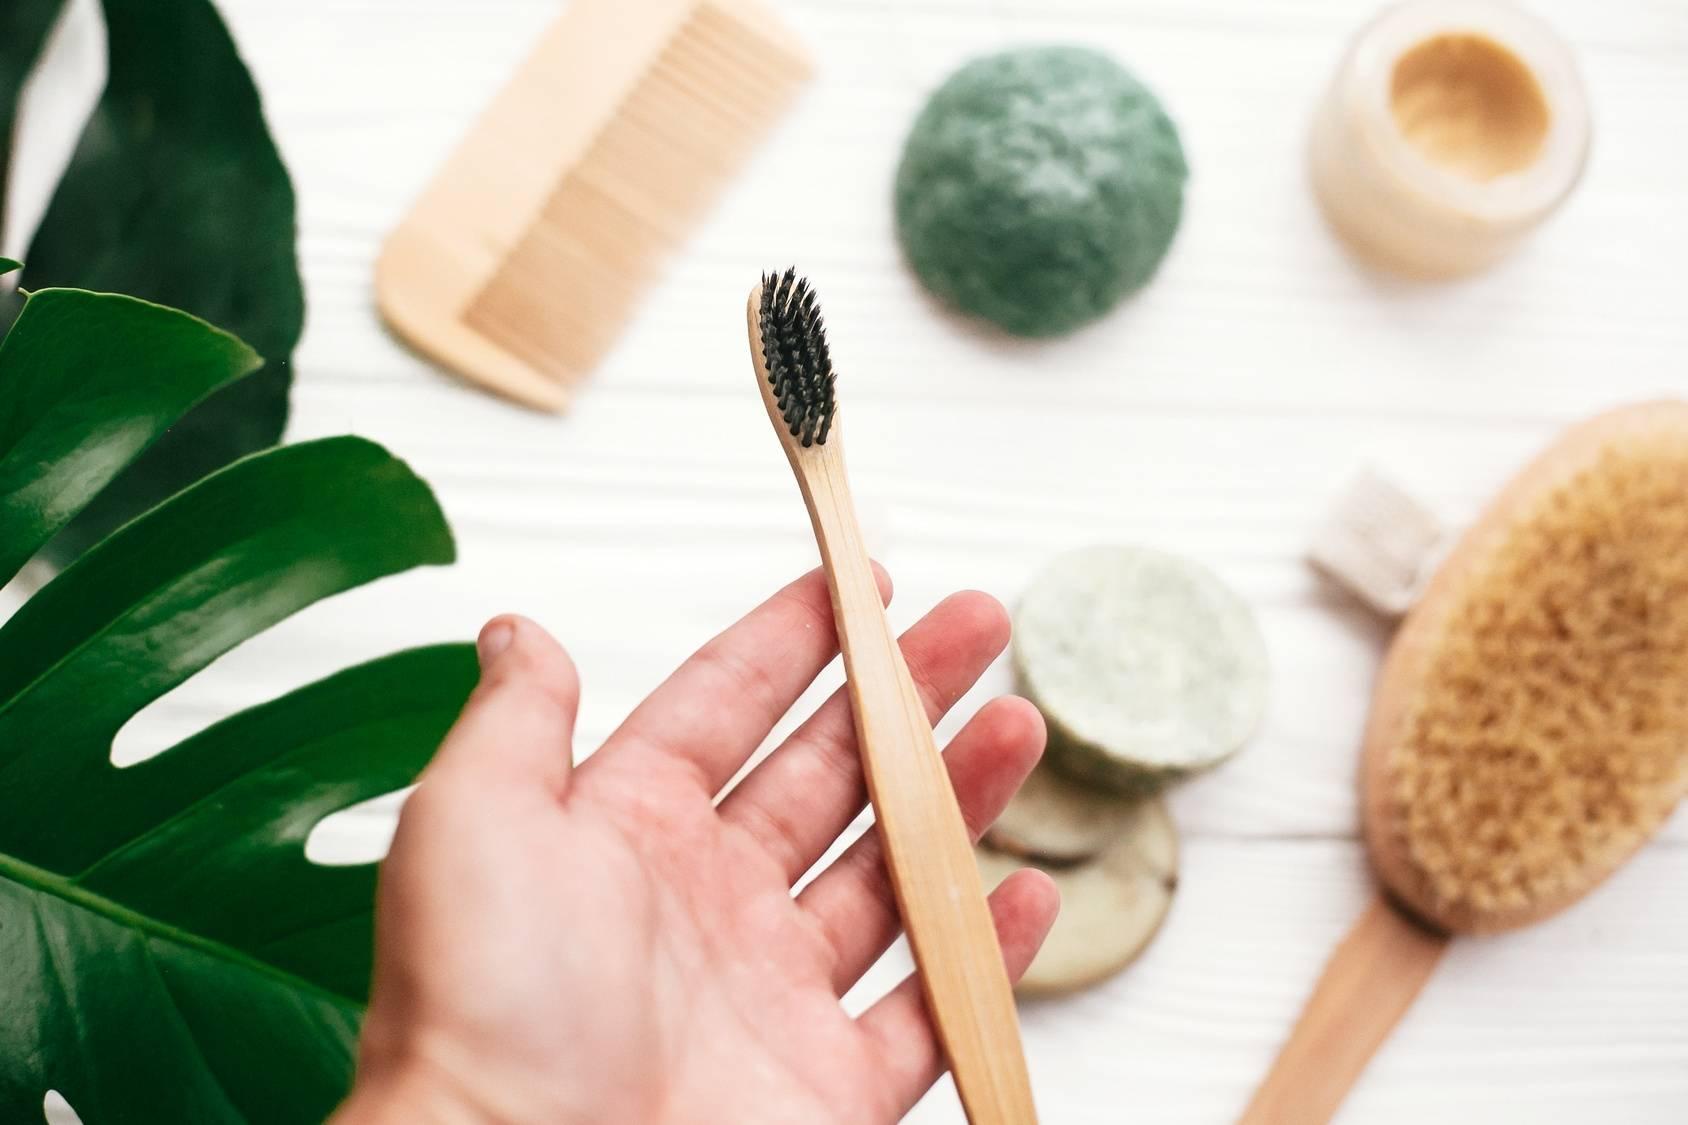 Bambusowa szczoteczka do zębów - alternatywa dla plastiku.